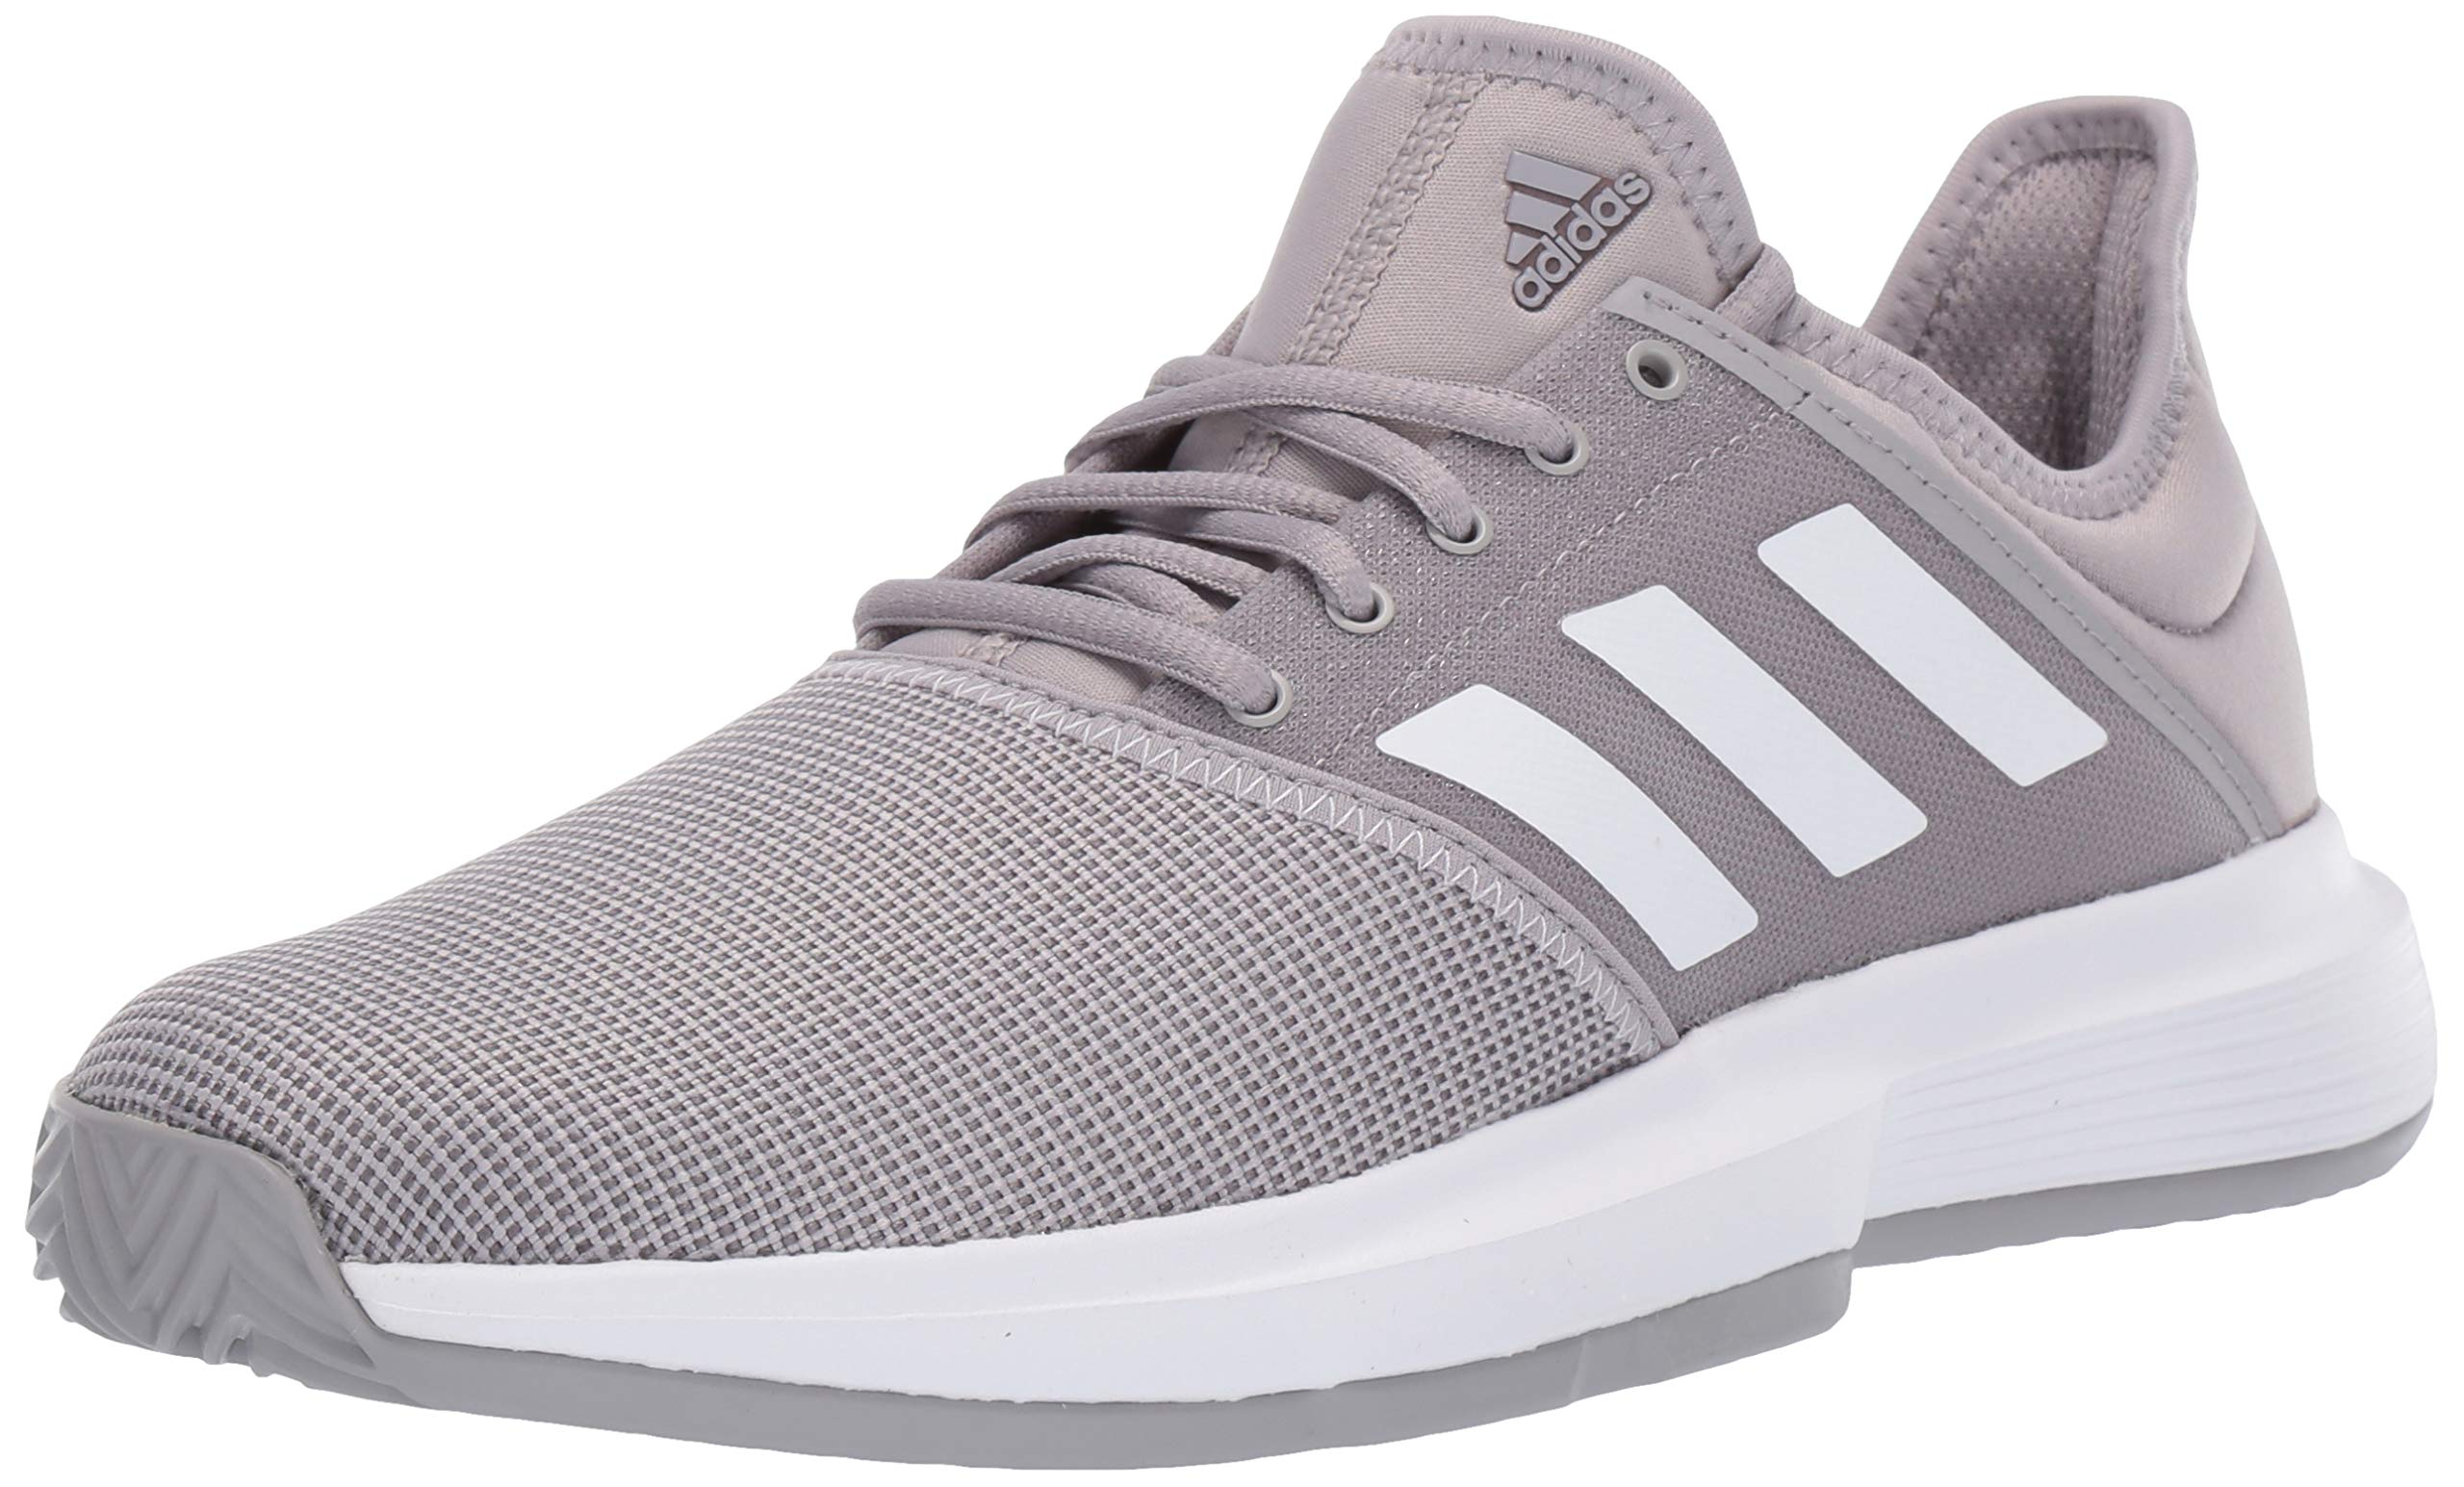 adidas Women's Gamecourt, Light Granite/White/Grey 5.5 M US